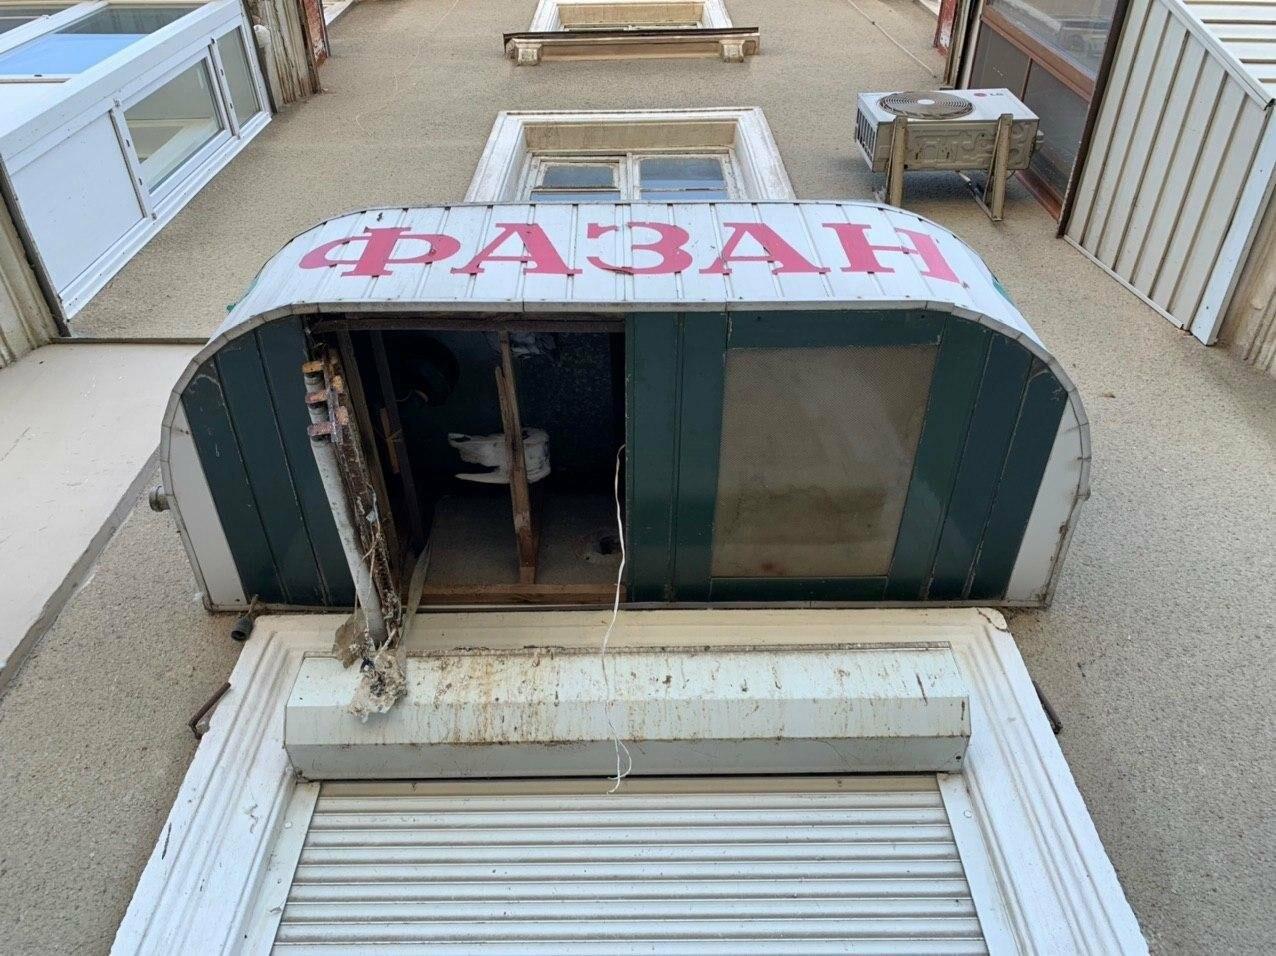 Обрушивающийся фриз магазина в центре города пугает бердянцев, фото-1